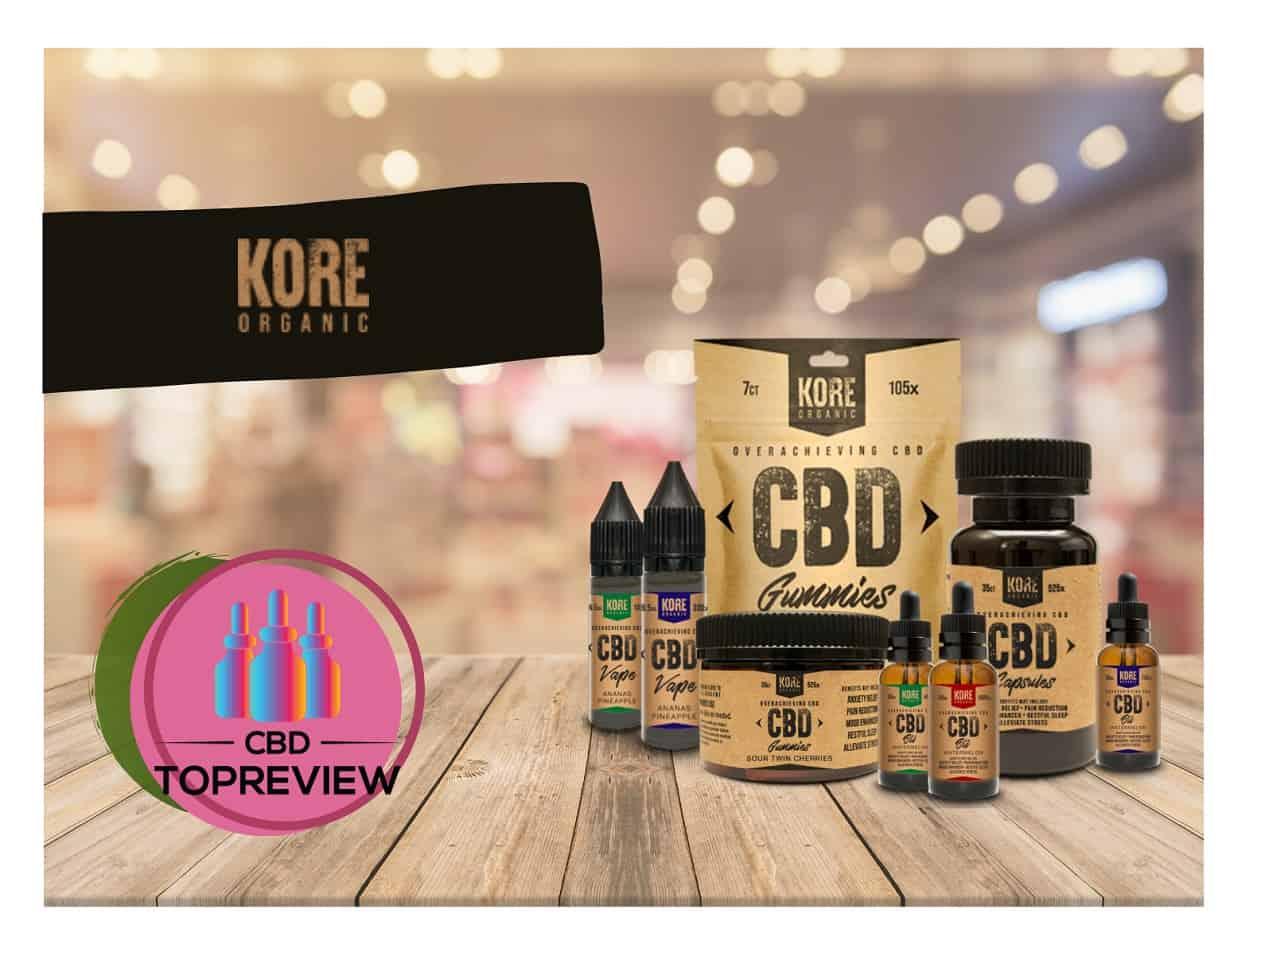 Kore Organic CBD Brand